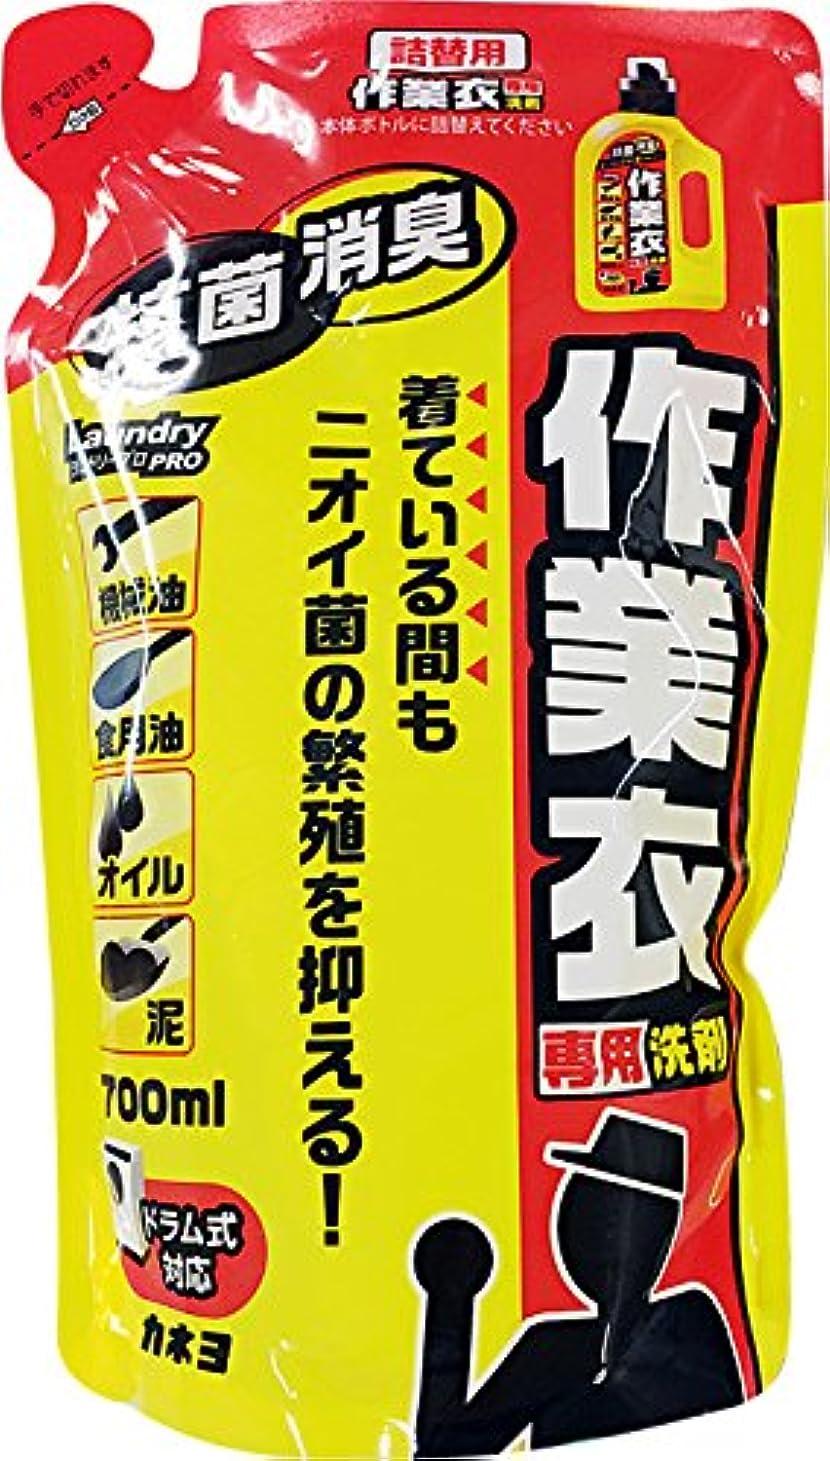 便利可動摂動カネヨ石鹸 作業衣専用洗剤 液体 ジェル 詰替 700ml